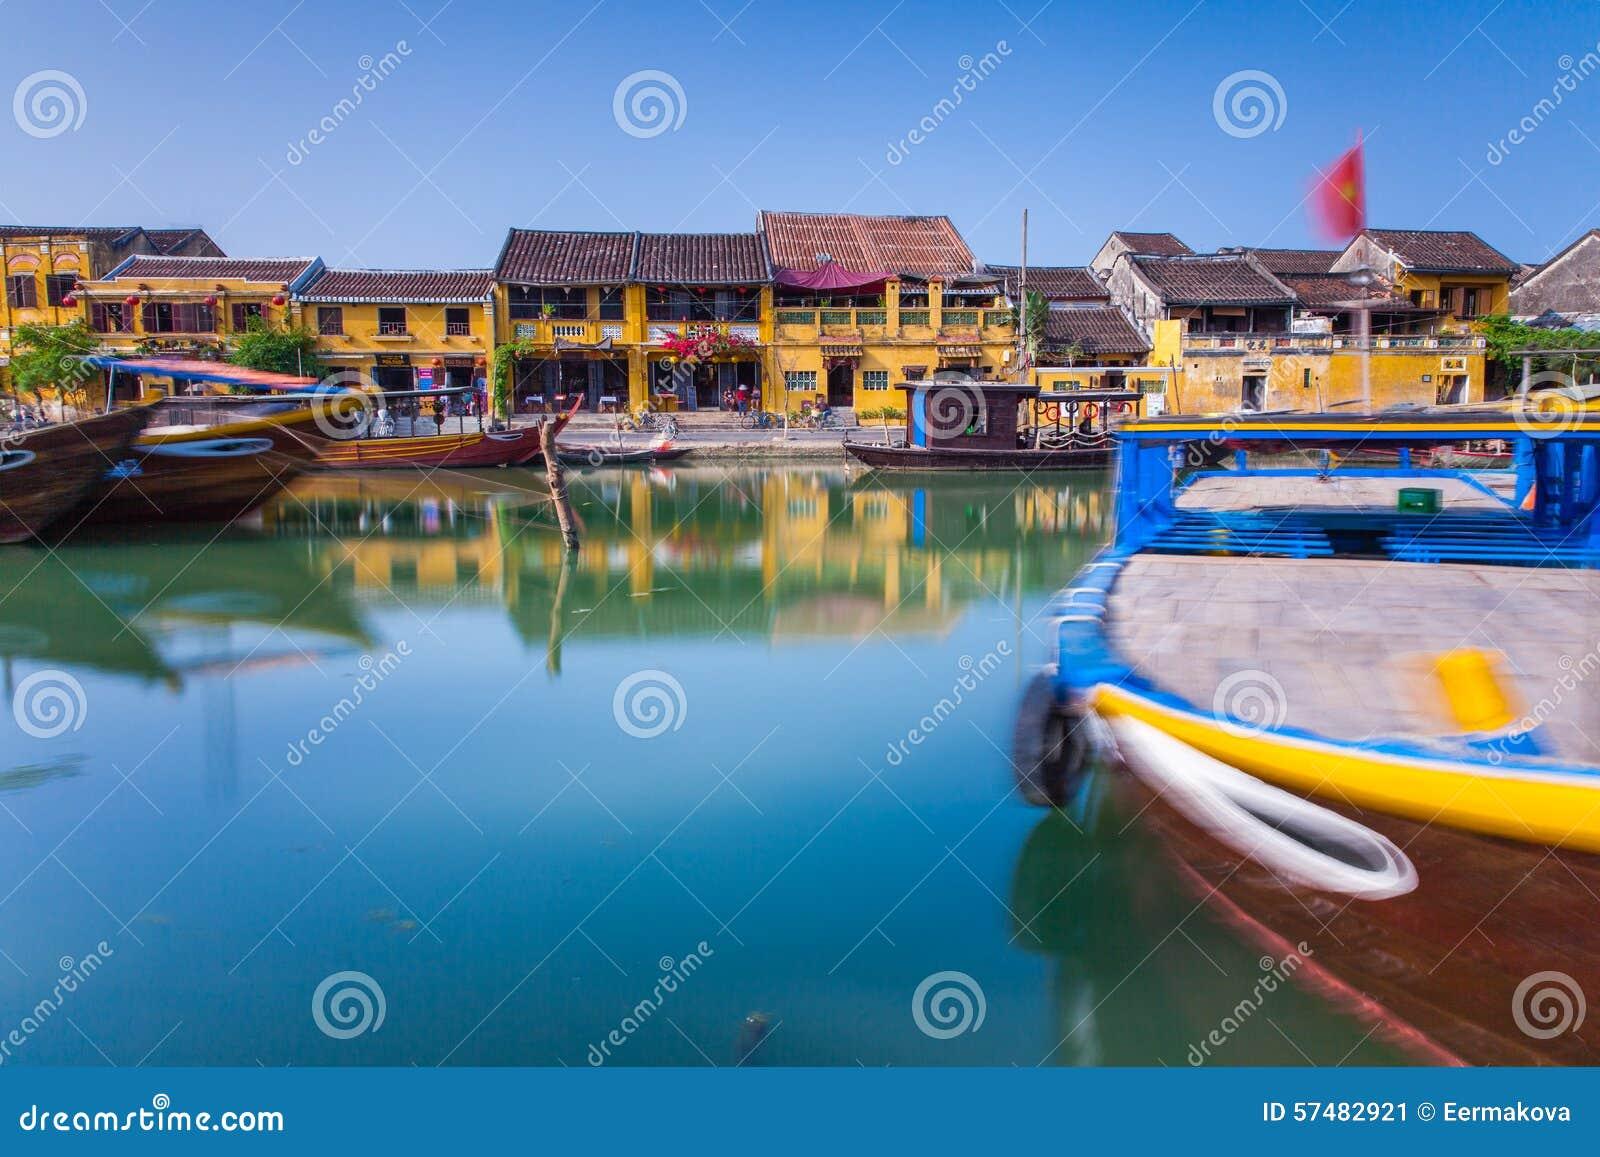 会安市古镇,越南河沿